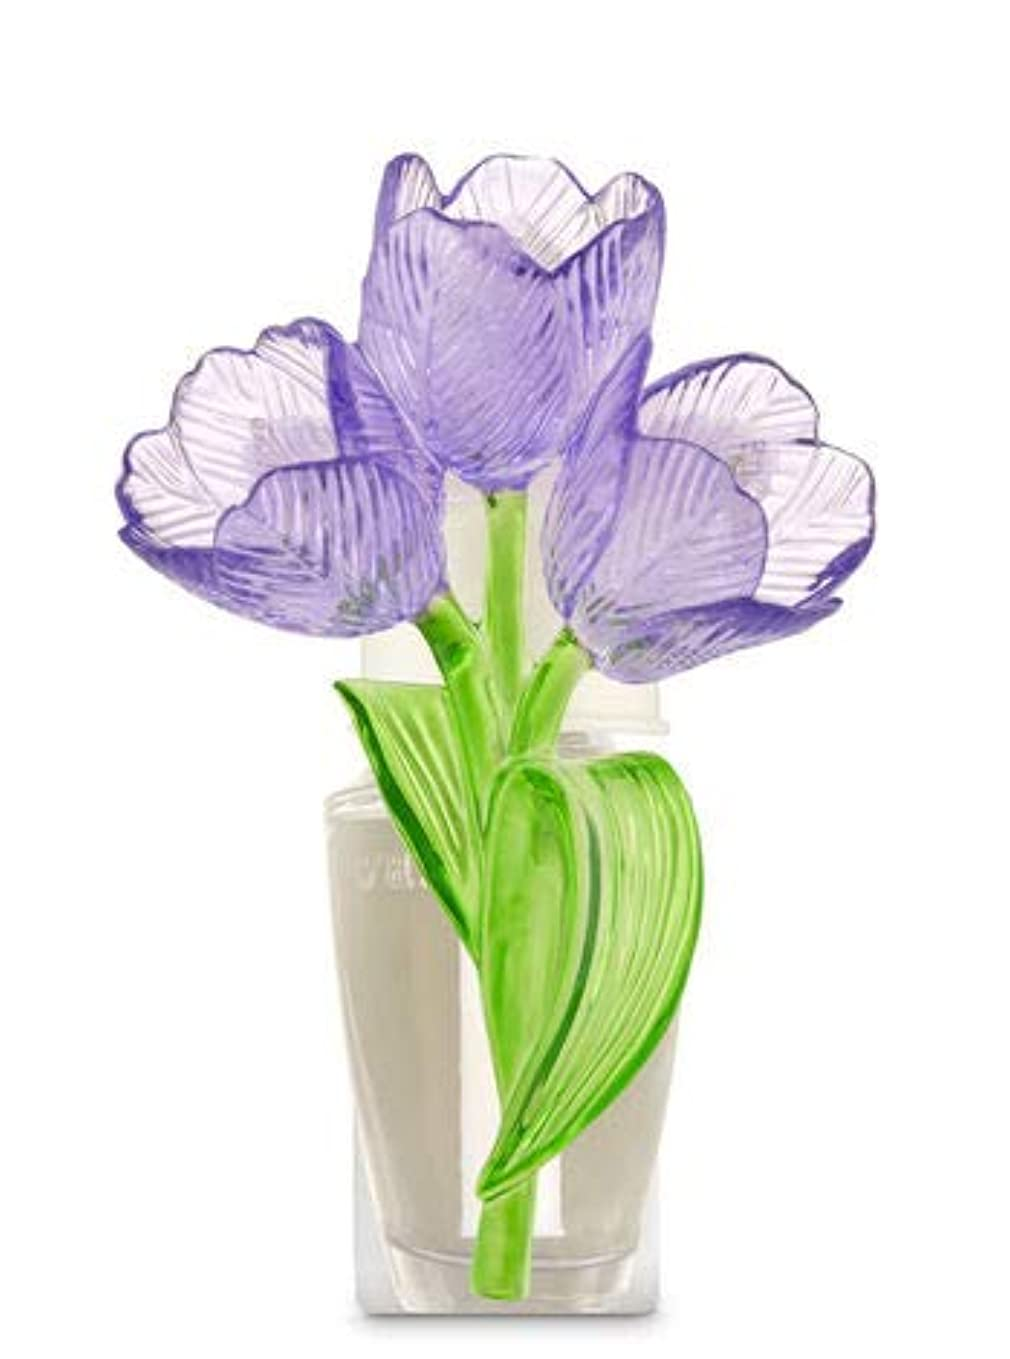 バインドギャップ電話【Bath&Body Works/バス&ボディワークス】 ルームフレグランス プラグインスターター (本体のみ) チューリップ ナイトライト Wallflowers Fragrance Plug Tulips Night Light [並行輸入品]